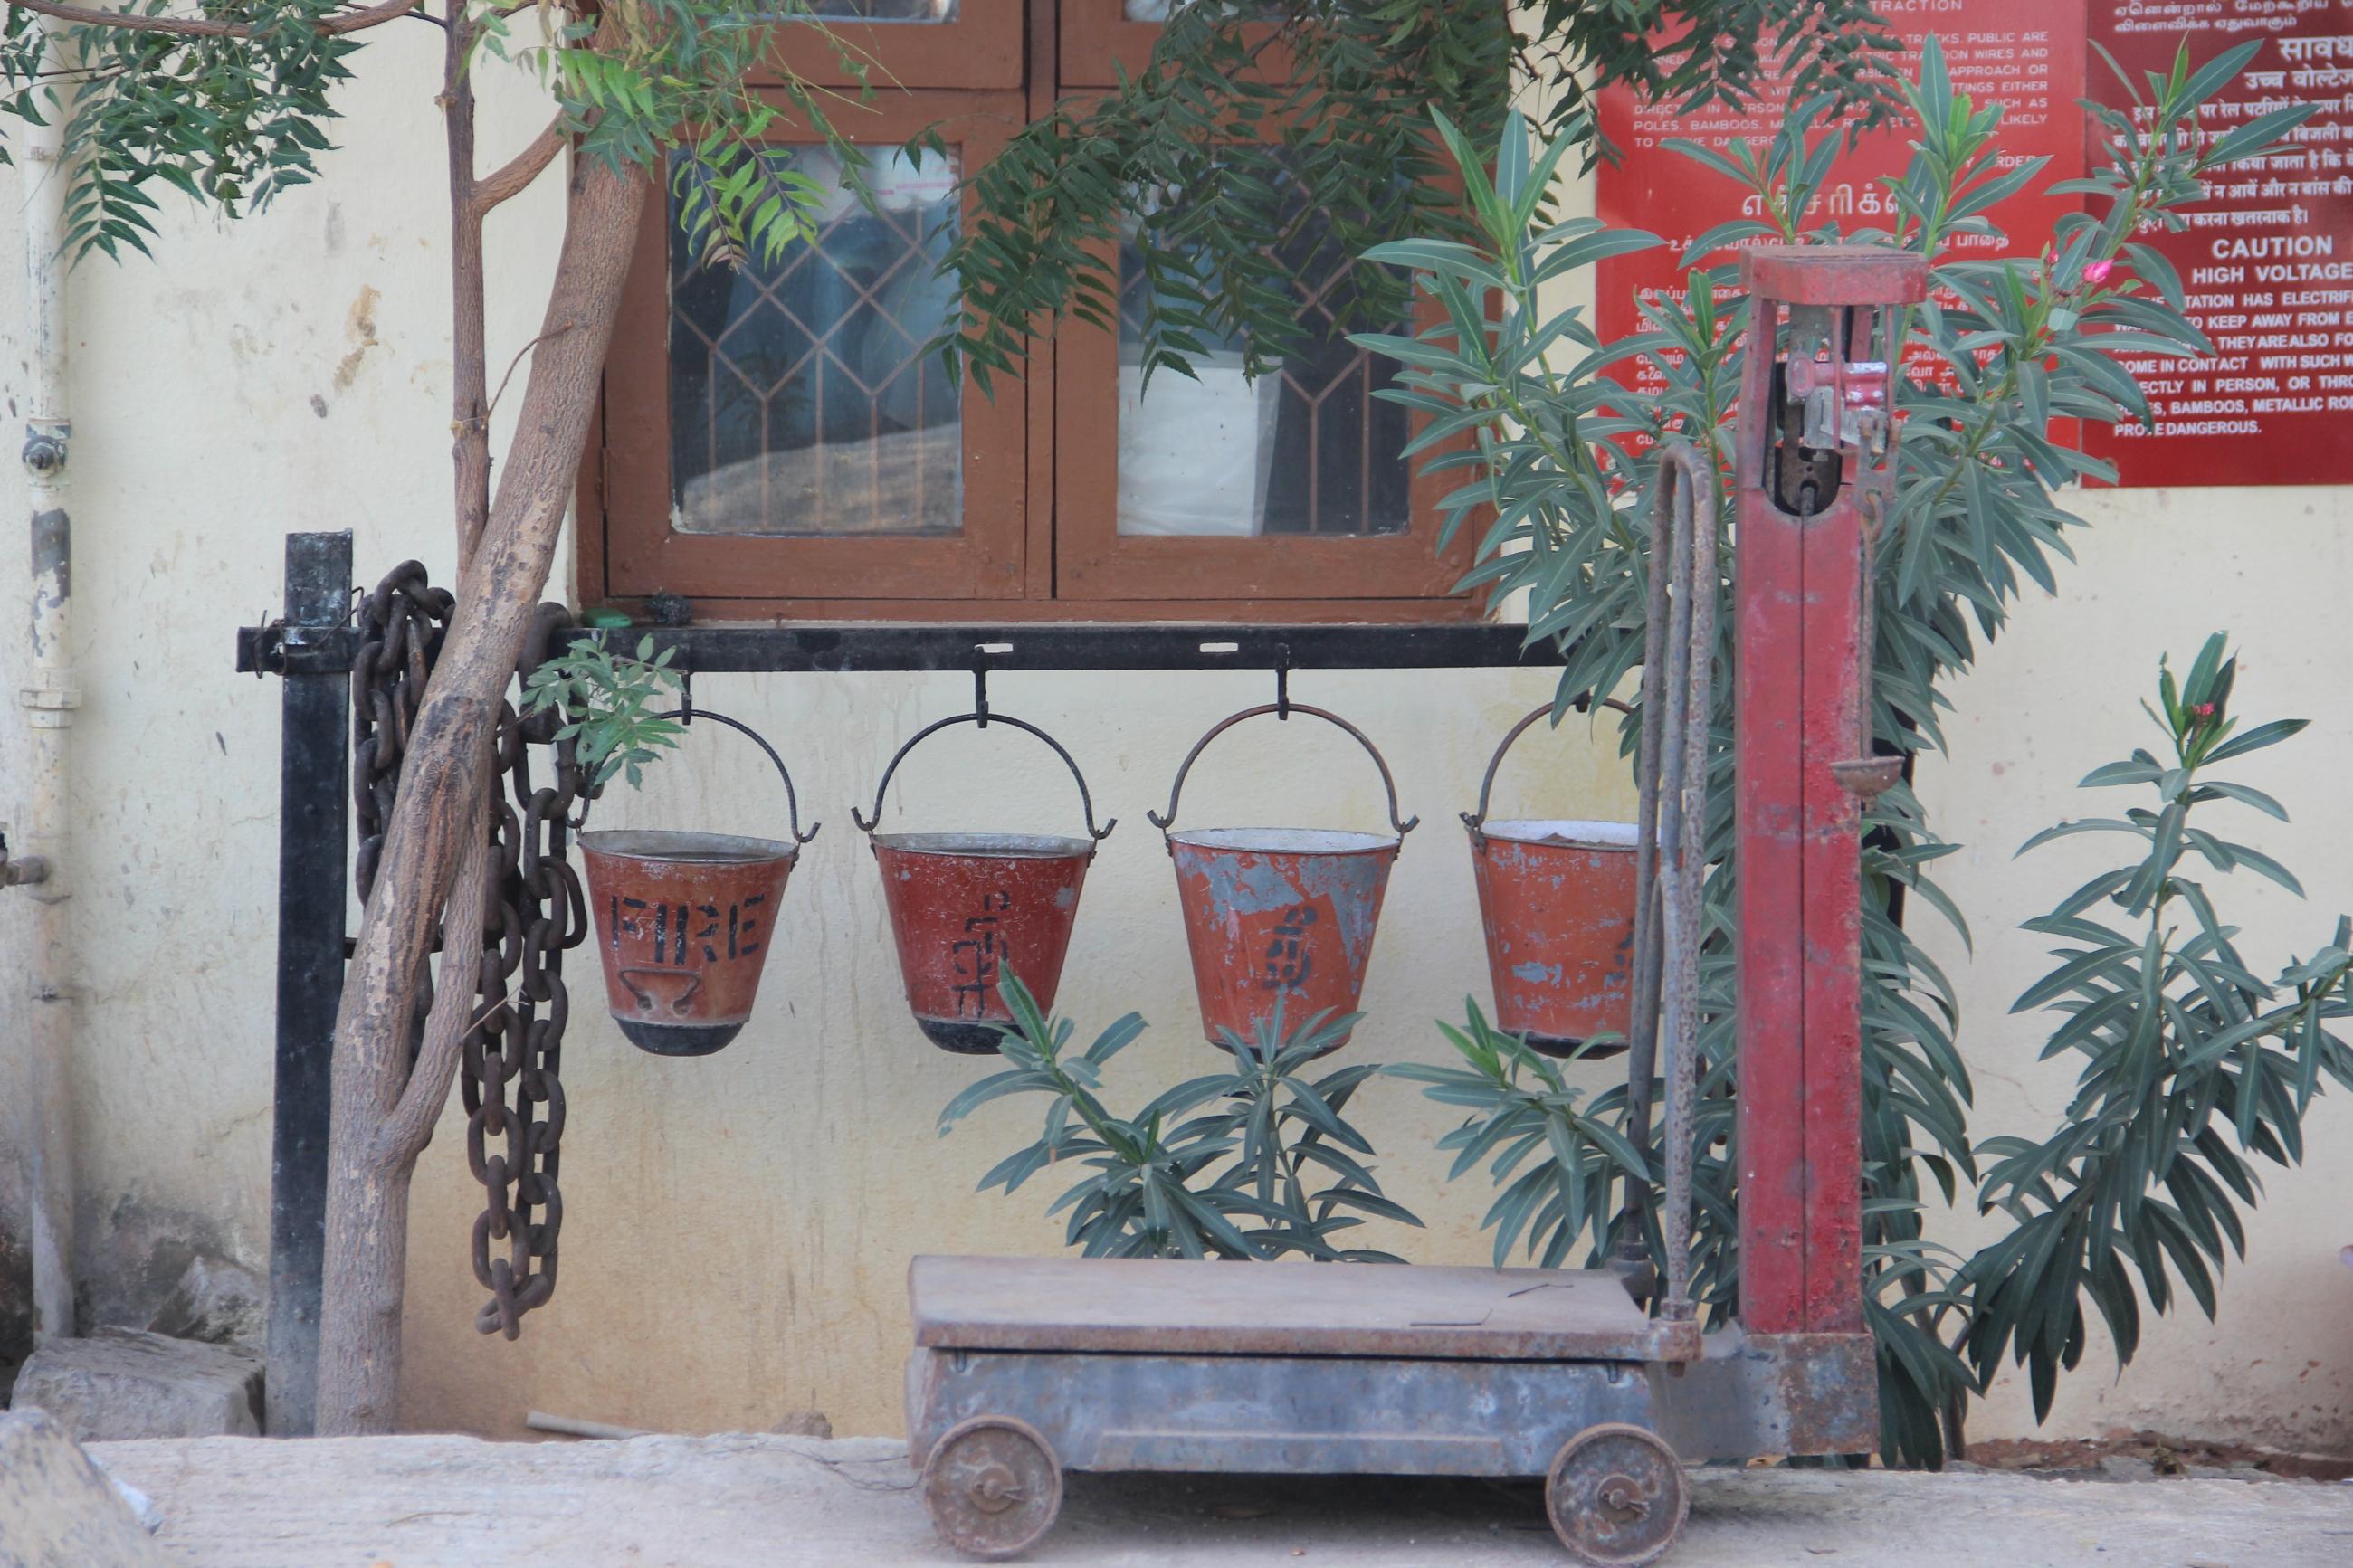 Foto: Eine Löschstation. Vier rote Eimer hängen an einer schwarzen Metallstange. Auf einem der Eimer steht 'Fire'. Im Hintergrund wächst ein Oleander, der seine Äste wie Arme streckt.